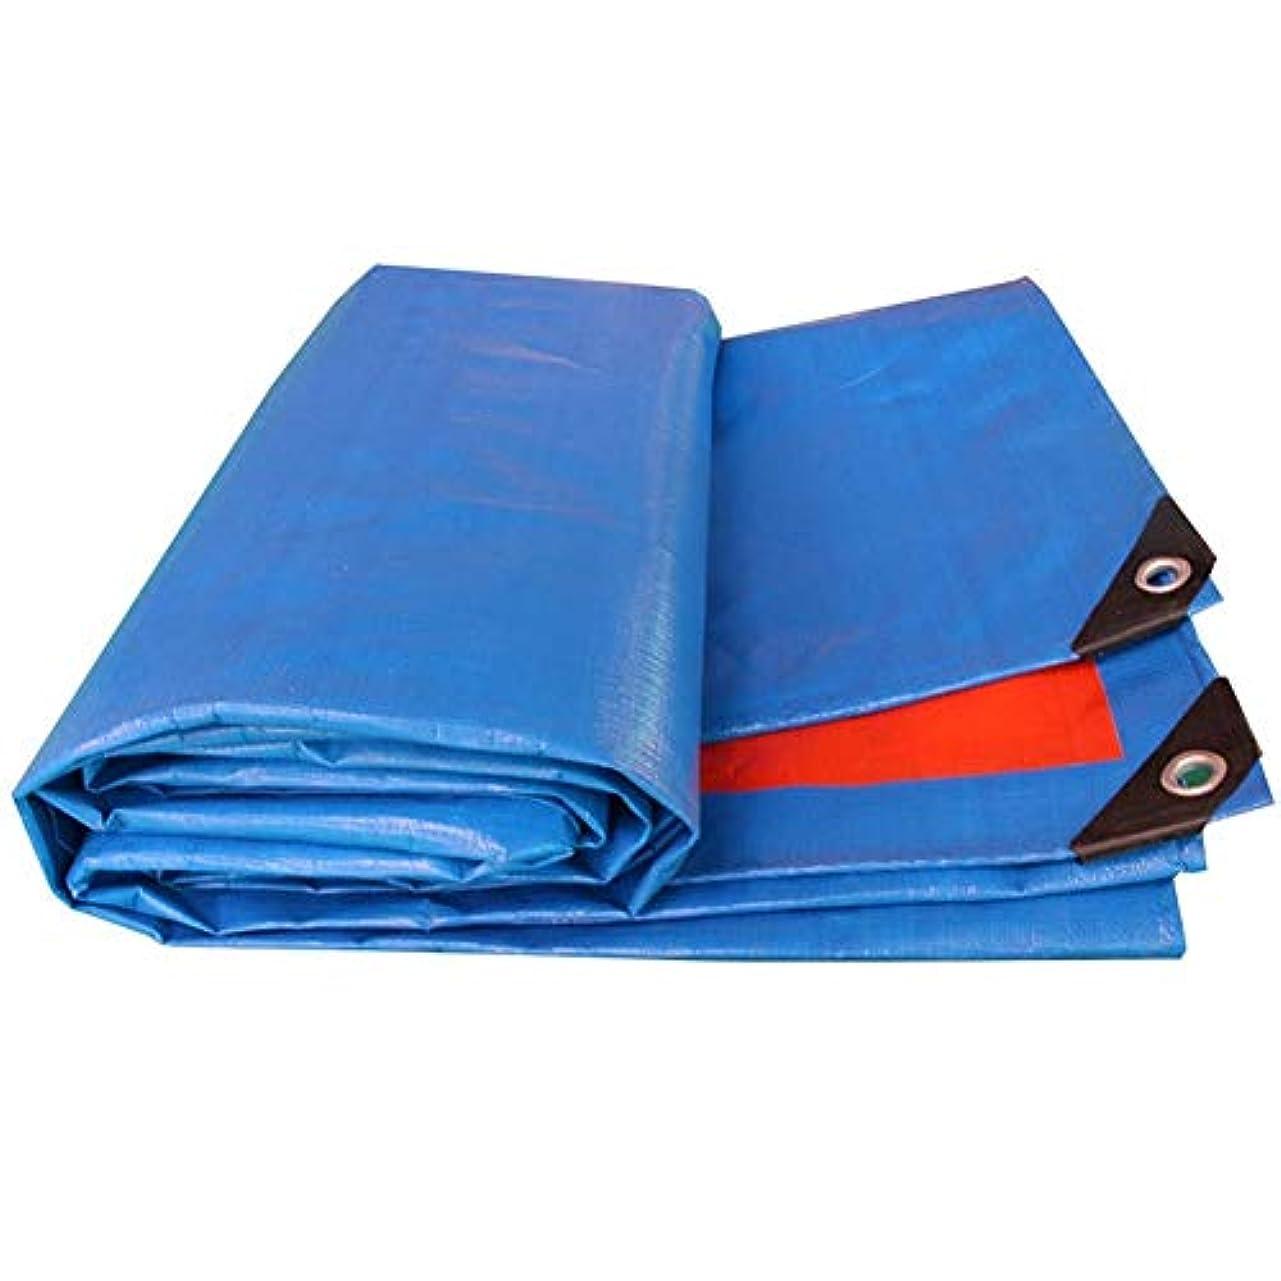 本部ソフィー戻す防水シートは多機能の屋外の日焼け止めの防水耐久力のあるリノリウムのプラスチック布を厚くしました複数のサイズはカスタマイズすることができます GMING (色 : 青, サイズ さいず : 8x10m)